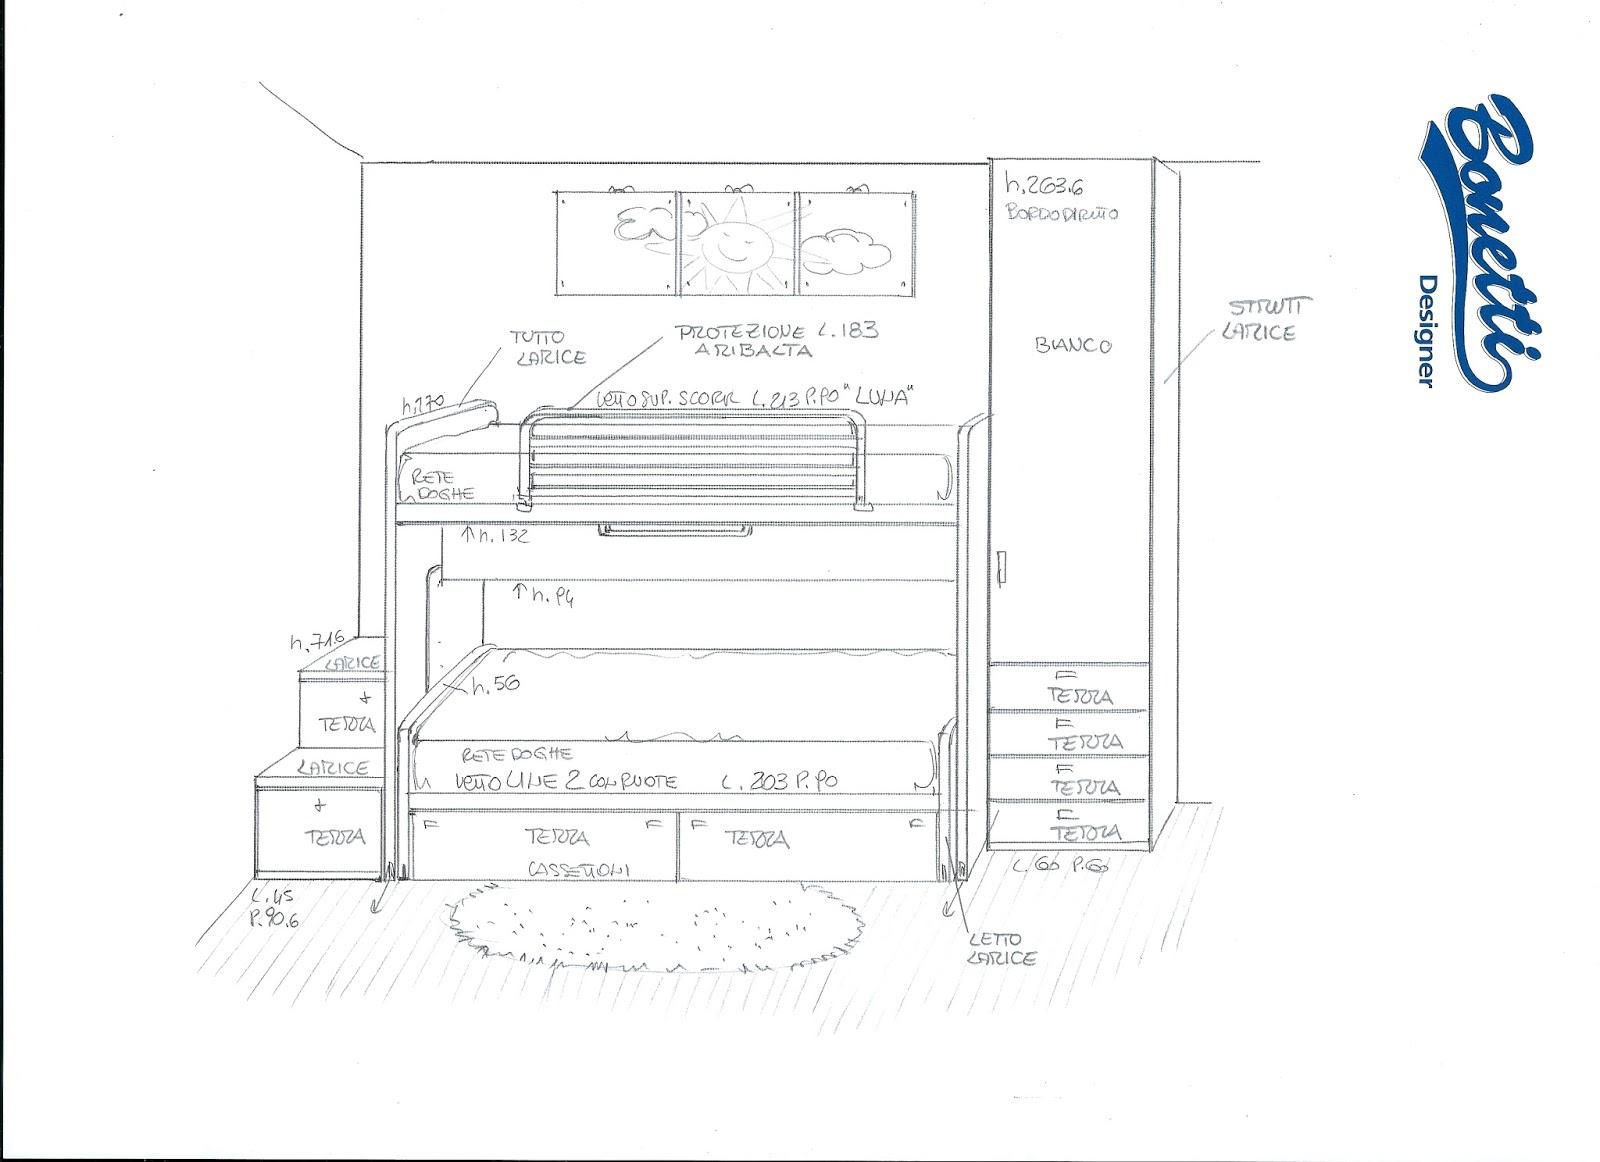 Bonetti camerette bonetti bedrooms progetti camerette piccole - Camerette a ponte piccole dimensioni ...